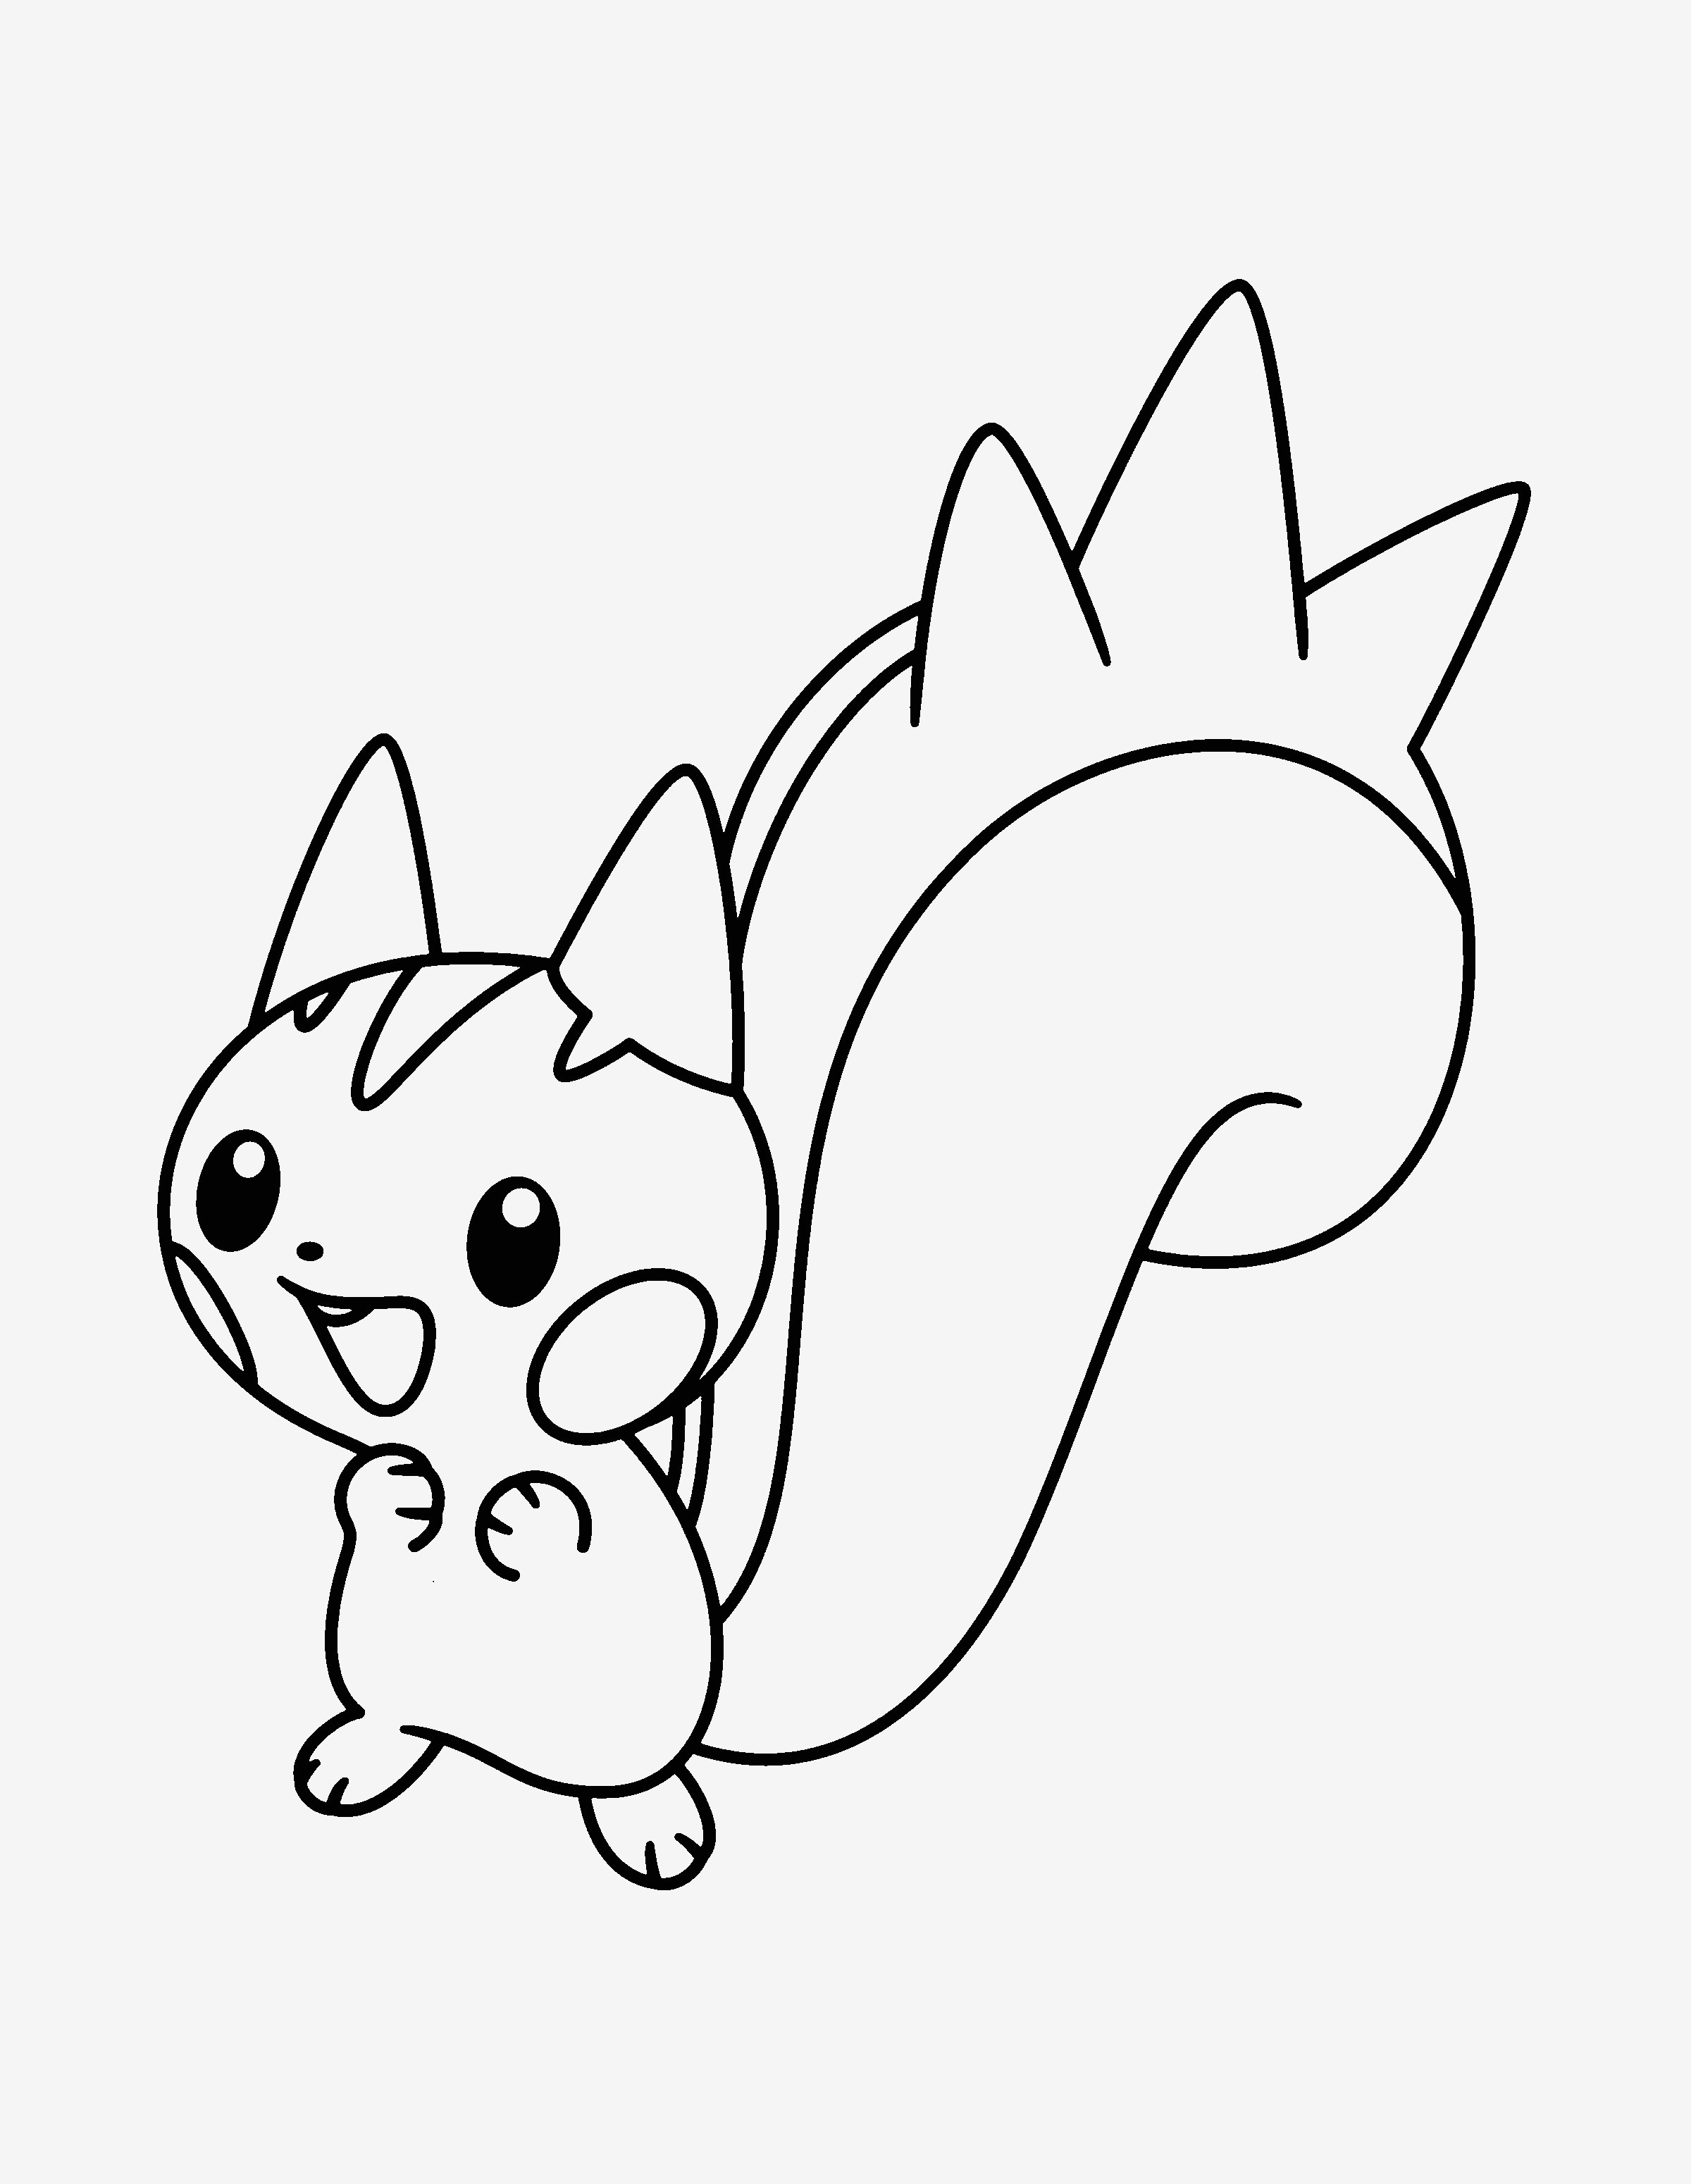 Pokemon Bilder Zum Ausmalen Frisch 41 Luxus Pokemon Pikachu Ausmalbilder – Große Coloring Page Sammlung Stock